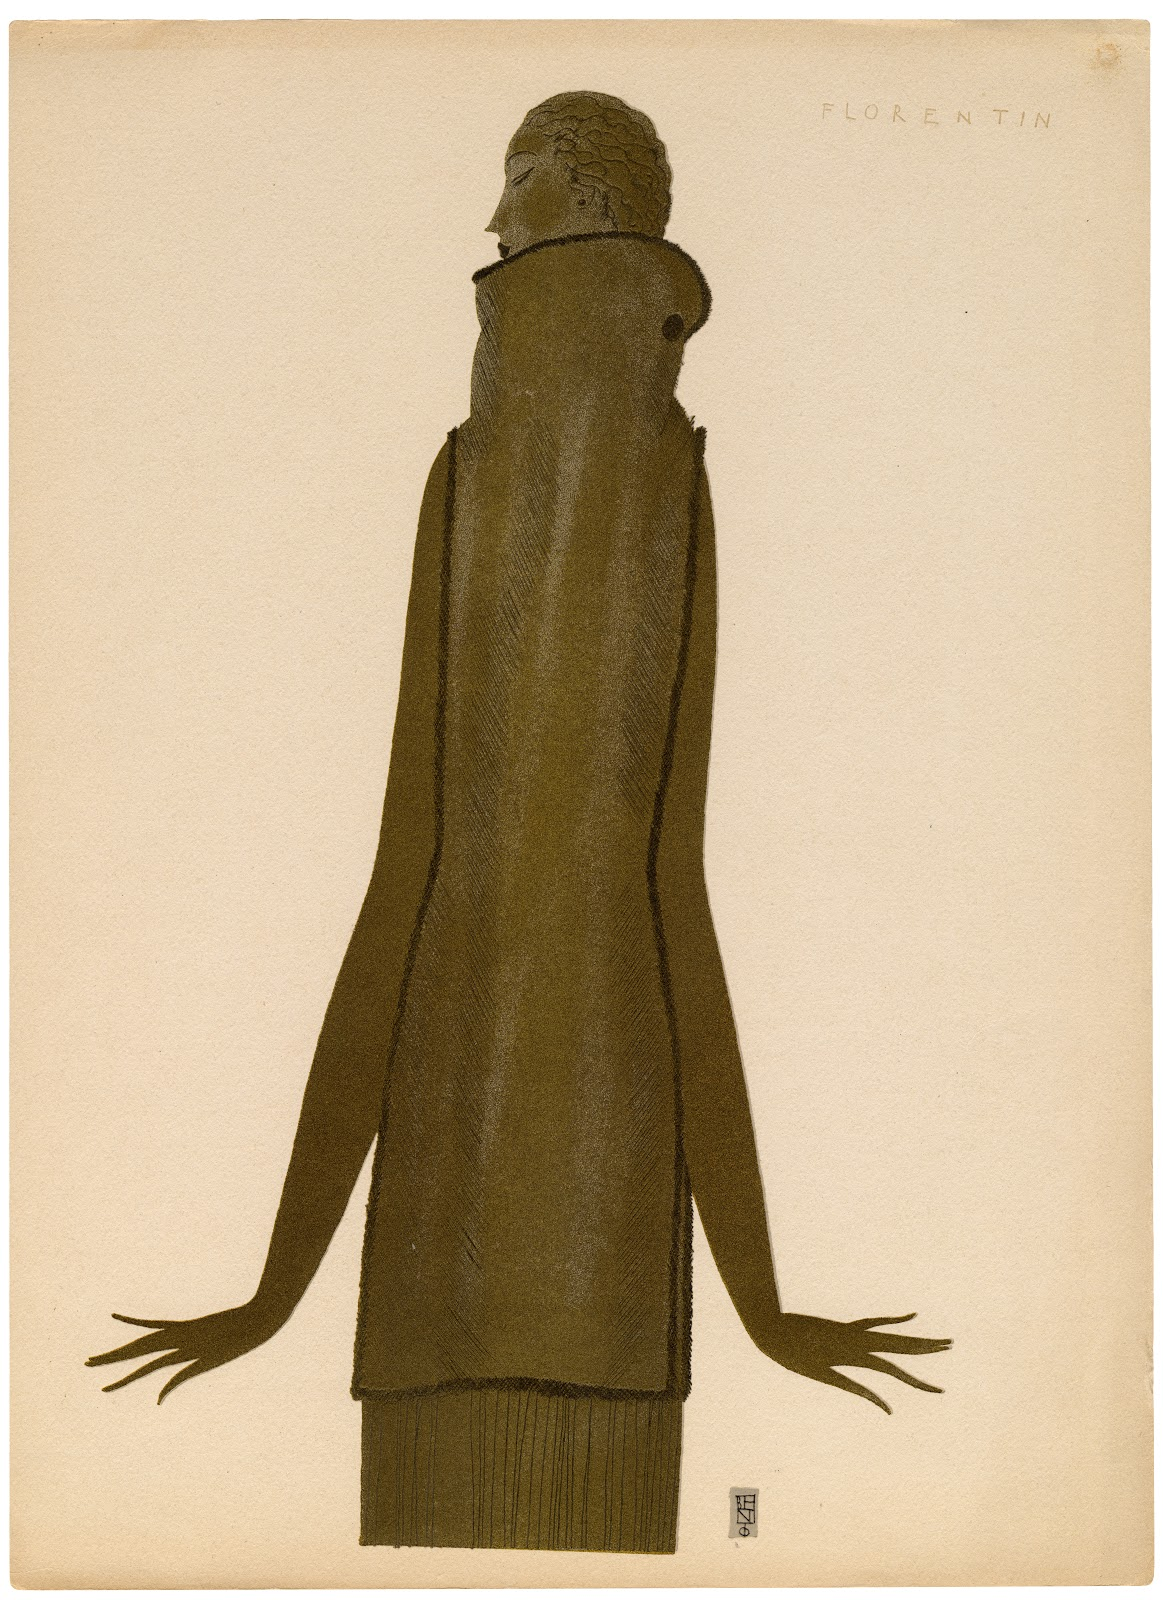 Eduardo Garcia Benito - Dernière lettre persane mise en français et accompagnée de douze dessins exécutés dans le gout persan. París, La Maison Fourrures Max, realizado por Draeger Frères, (1920)